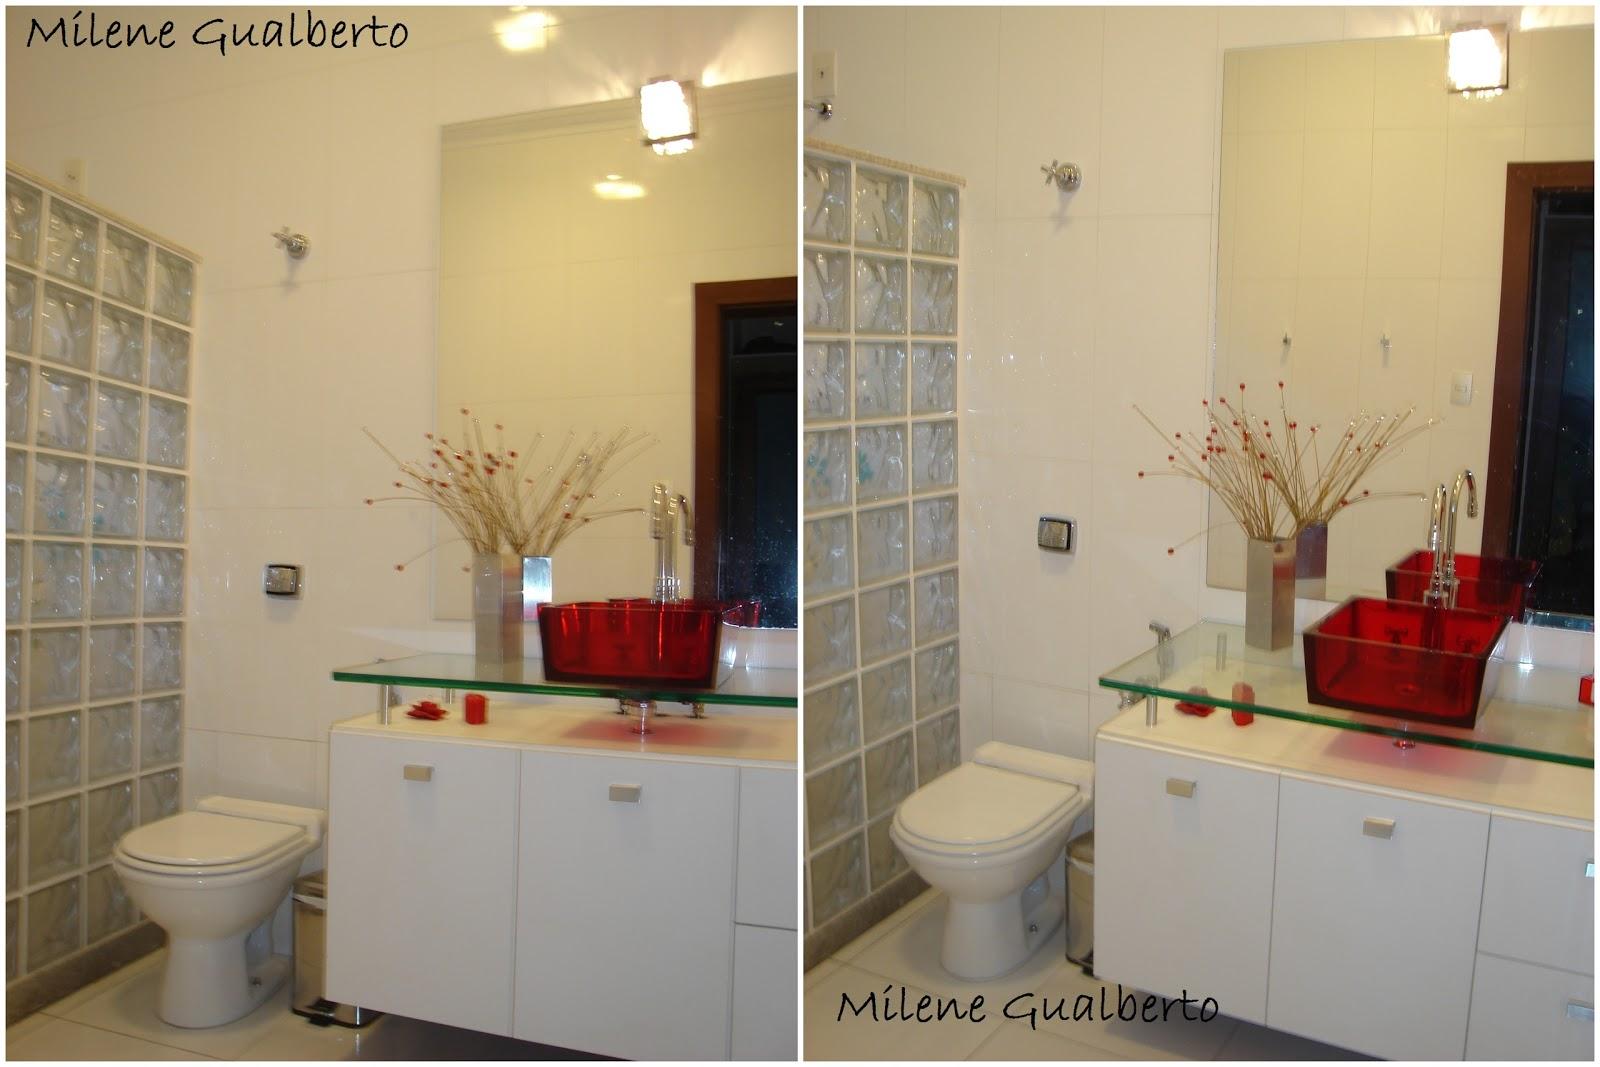 Milene Gualberto: Projetos Residenciais Banheiro com Cuba Vermelha #6B2D21 1600 1067